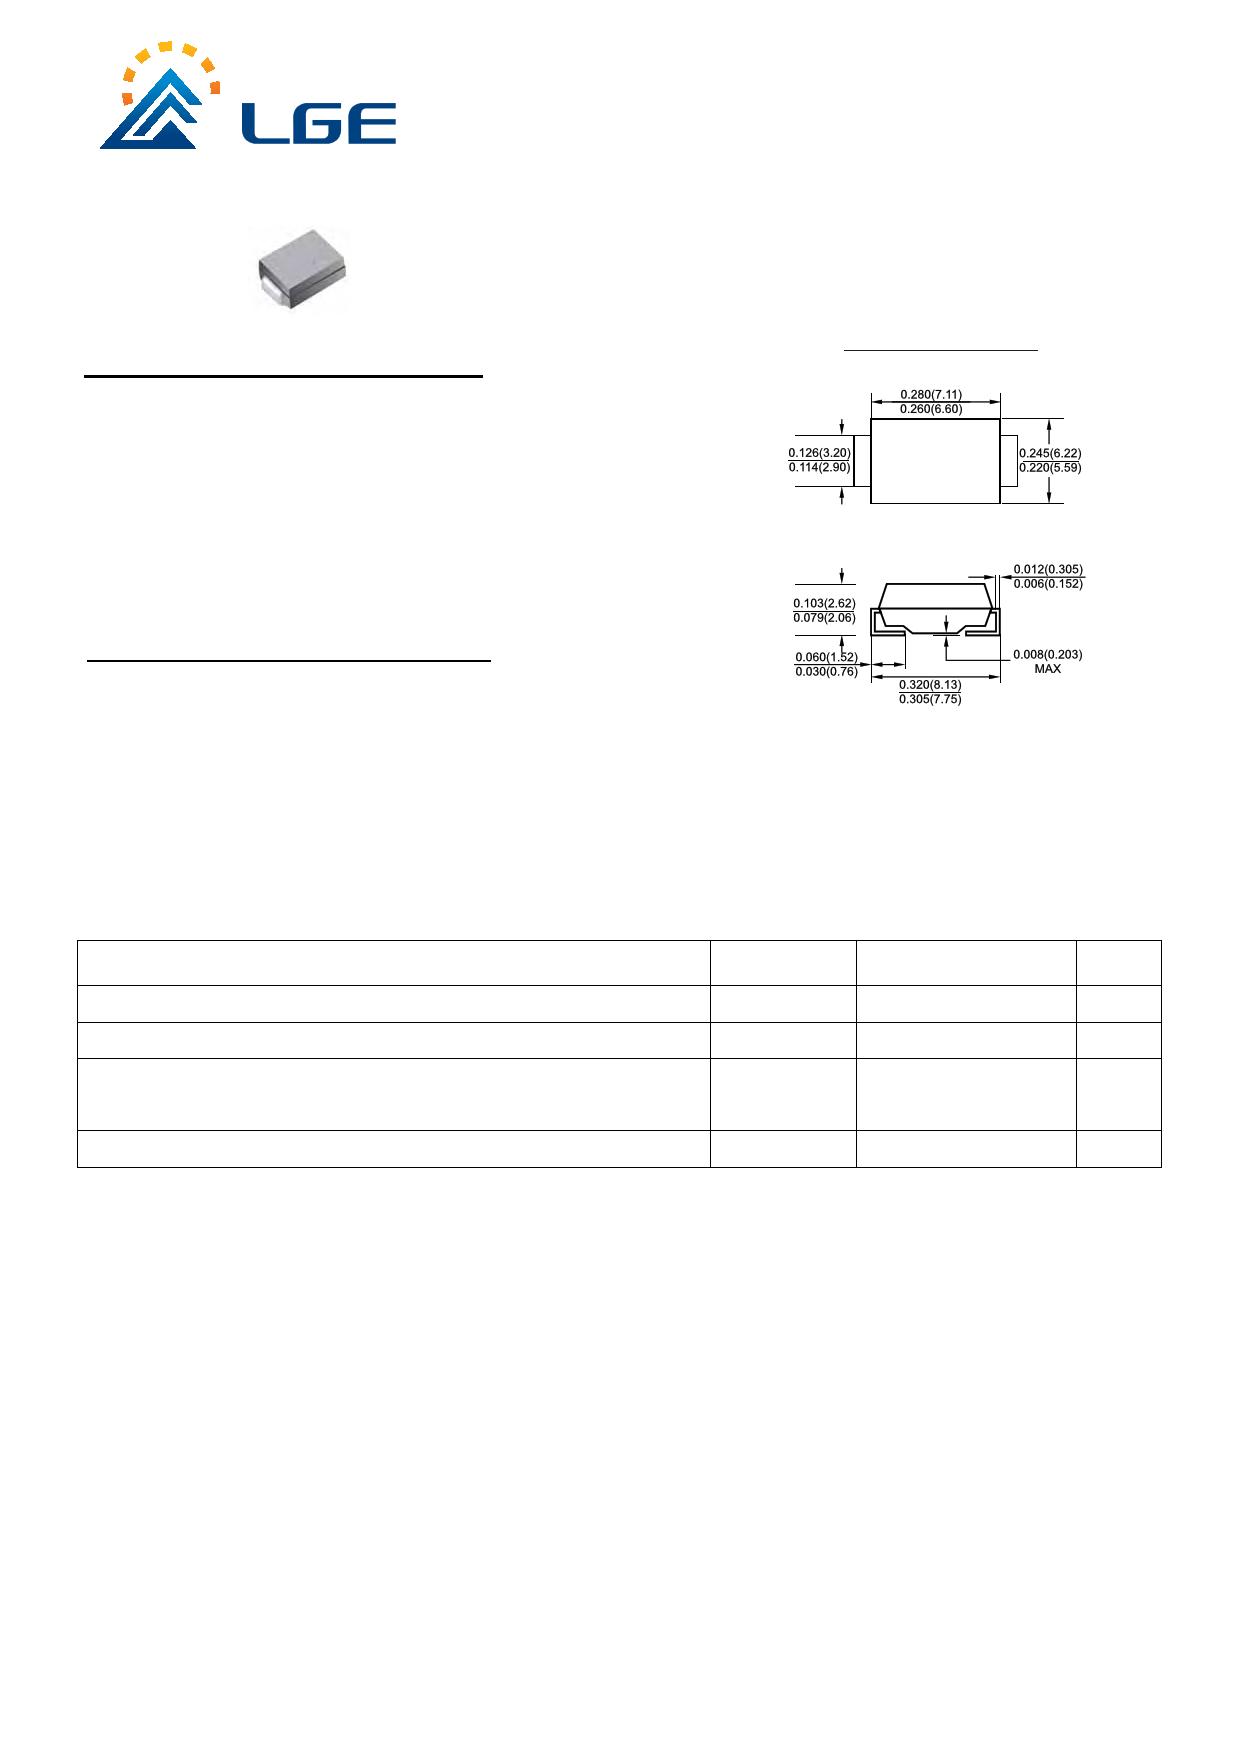 3.0SMCJ18C Datasheet, 3.0SMCJ18C PDF,ピン配置, 機能